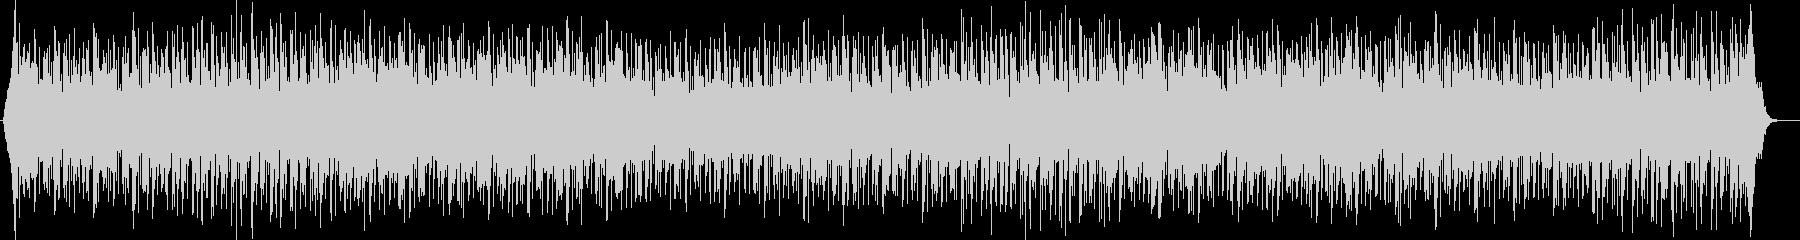 軽快でリズミカルなドラムが特徴のポップスの未再生の波形